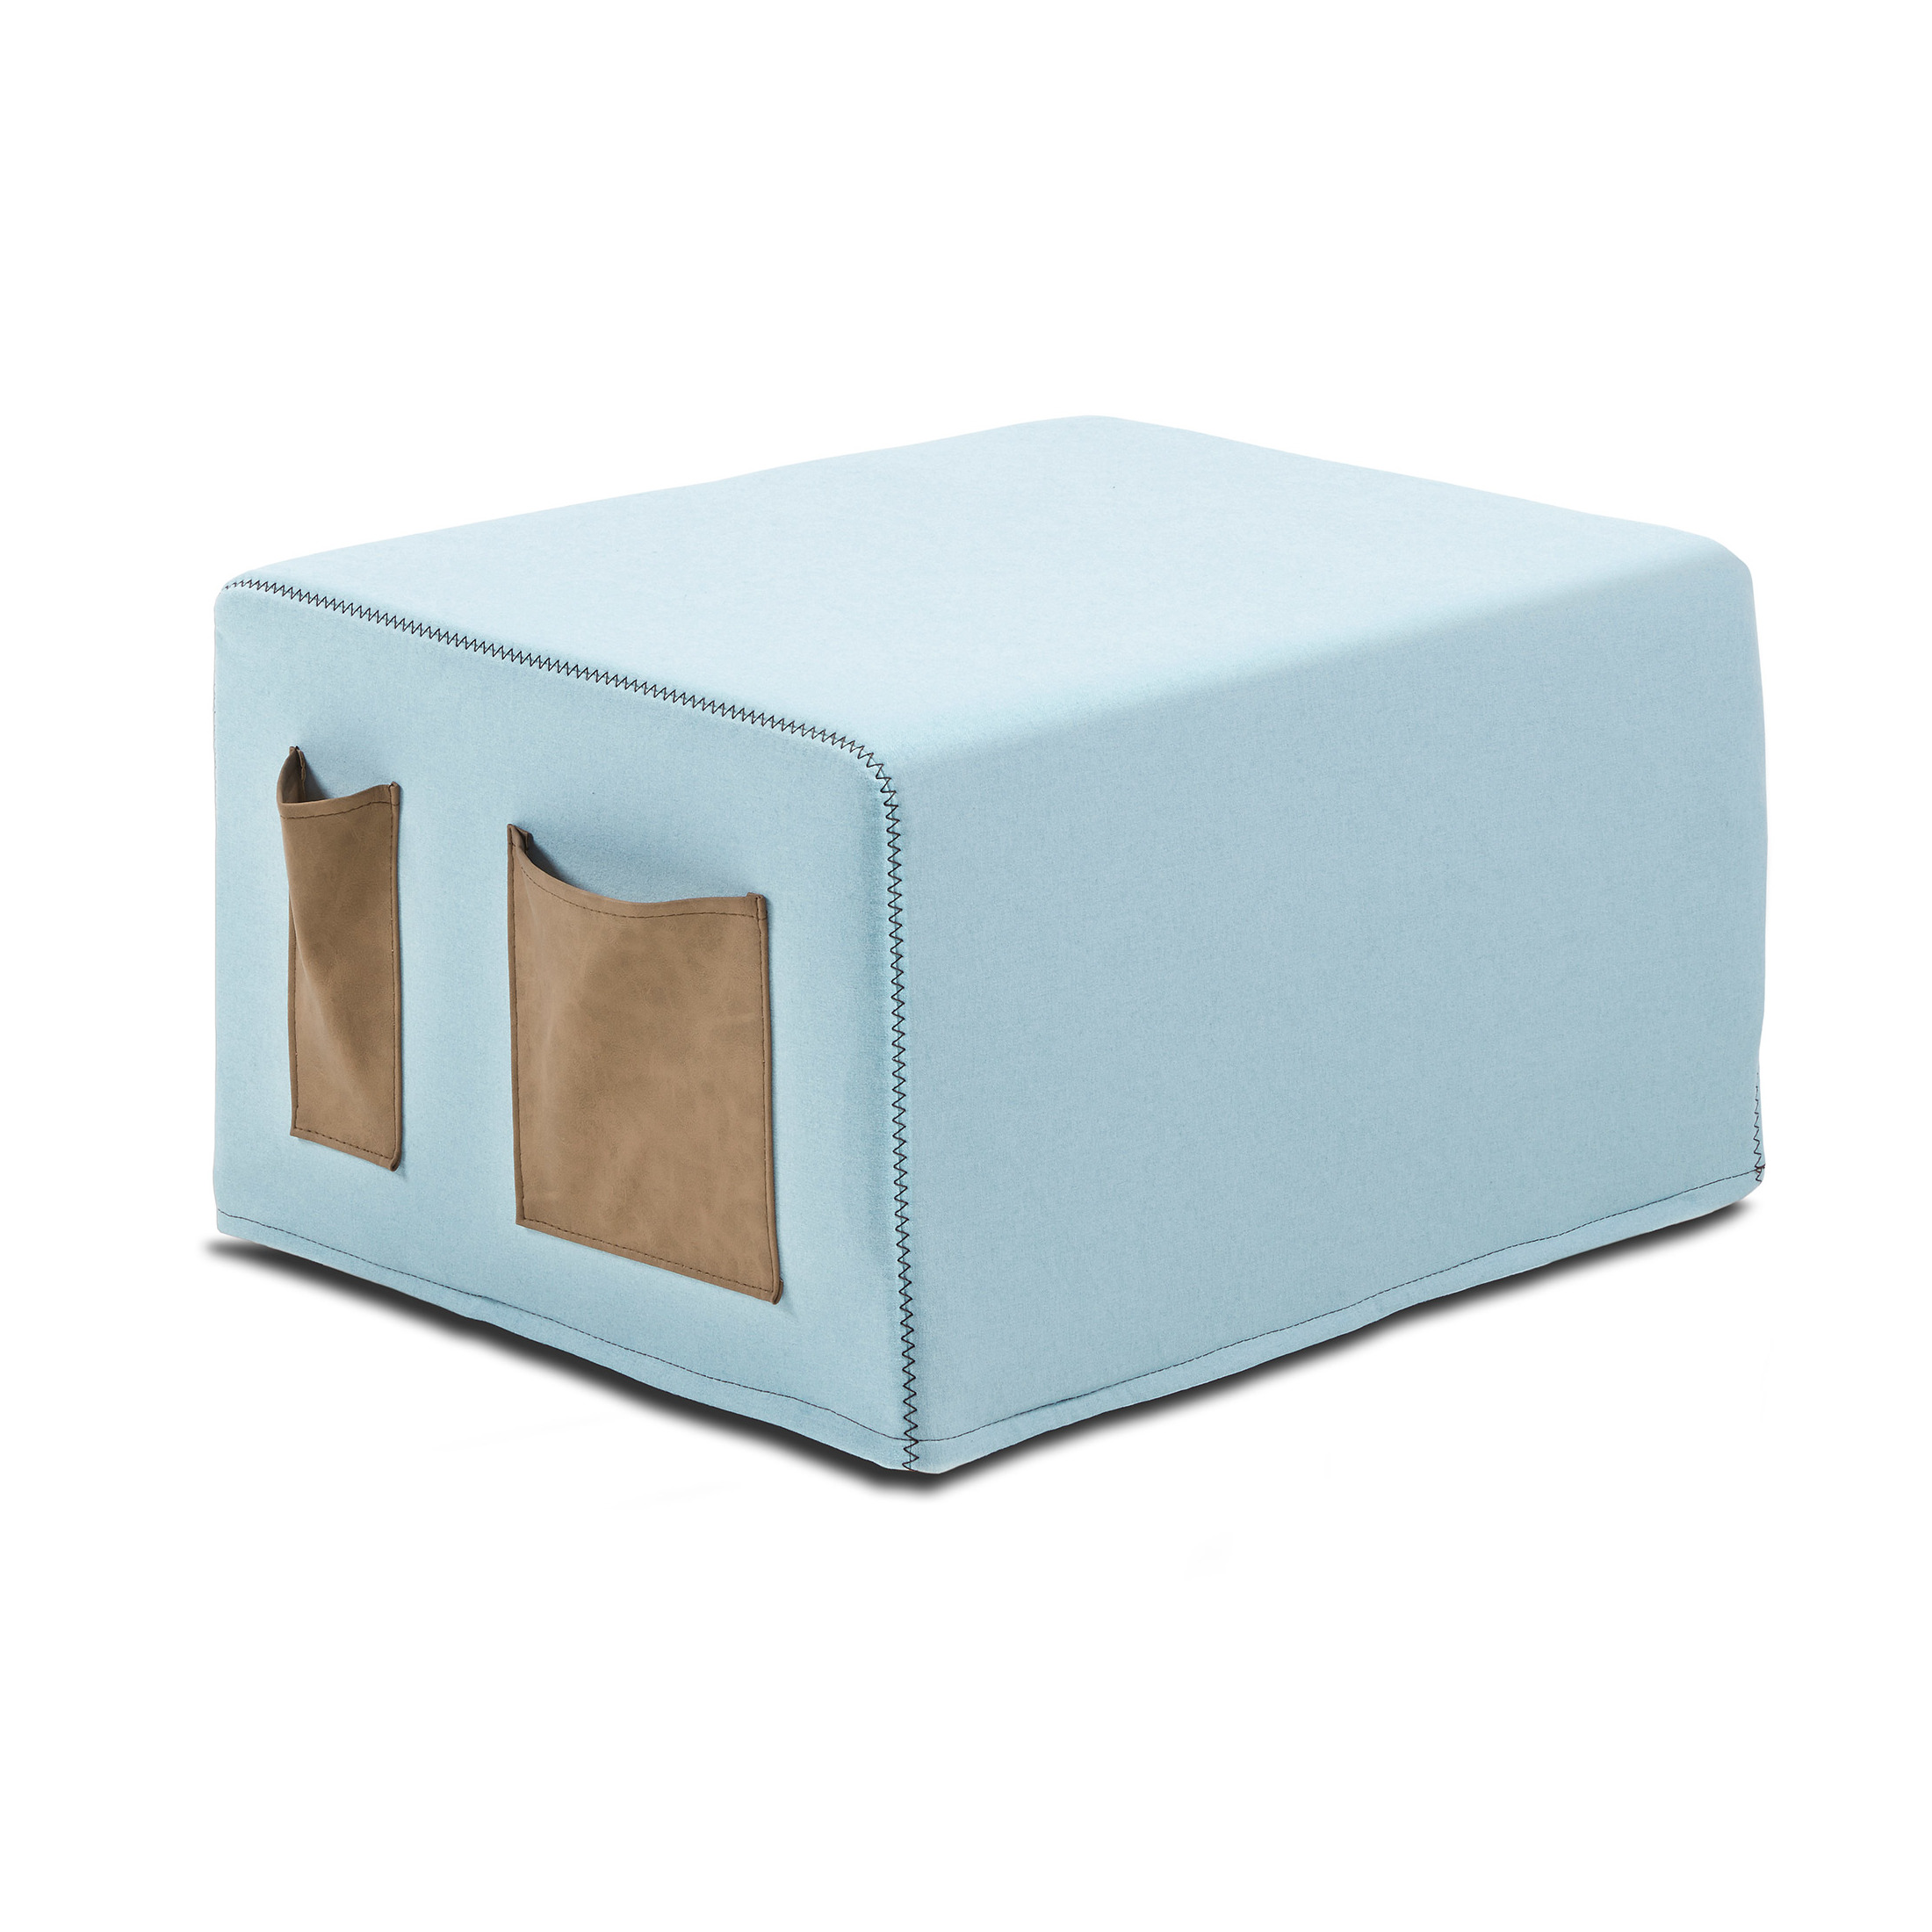 Kave Home Poef / vouwbed Verdi, kleur Lichtblauw